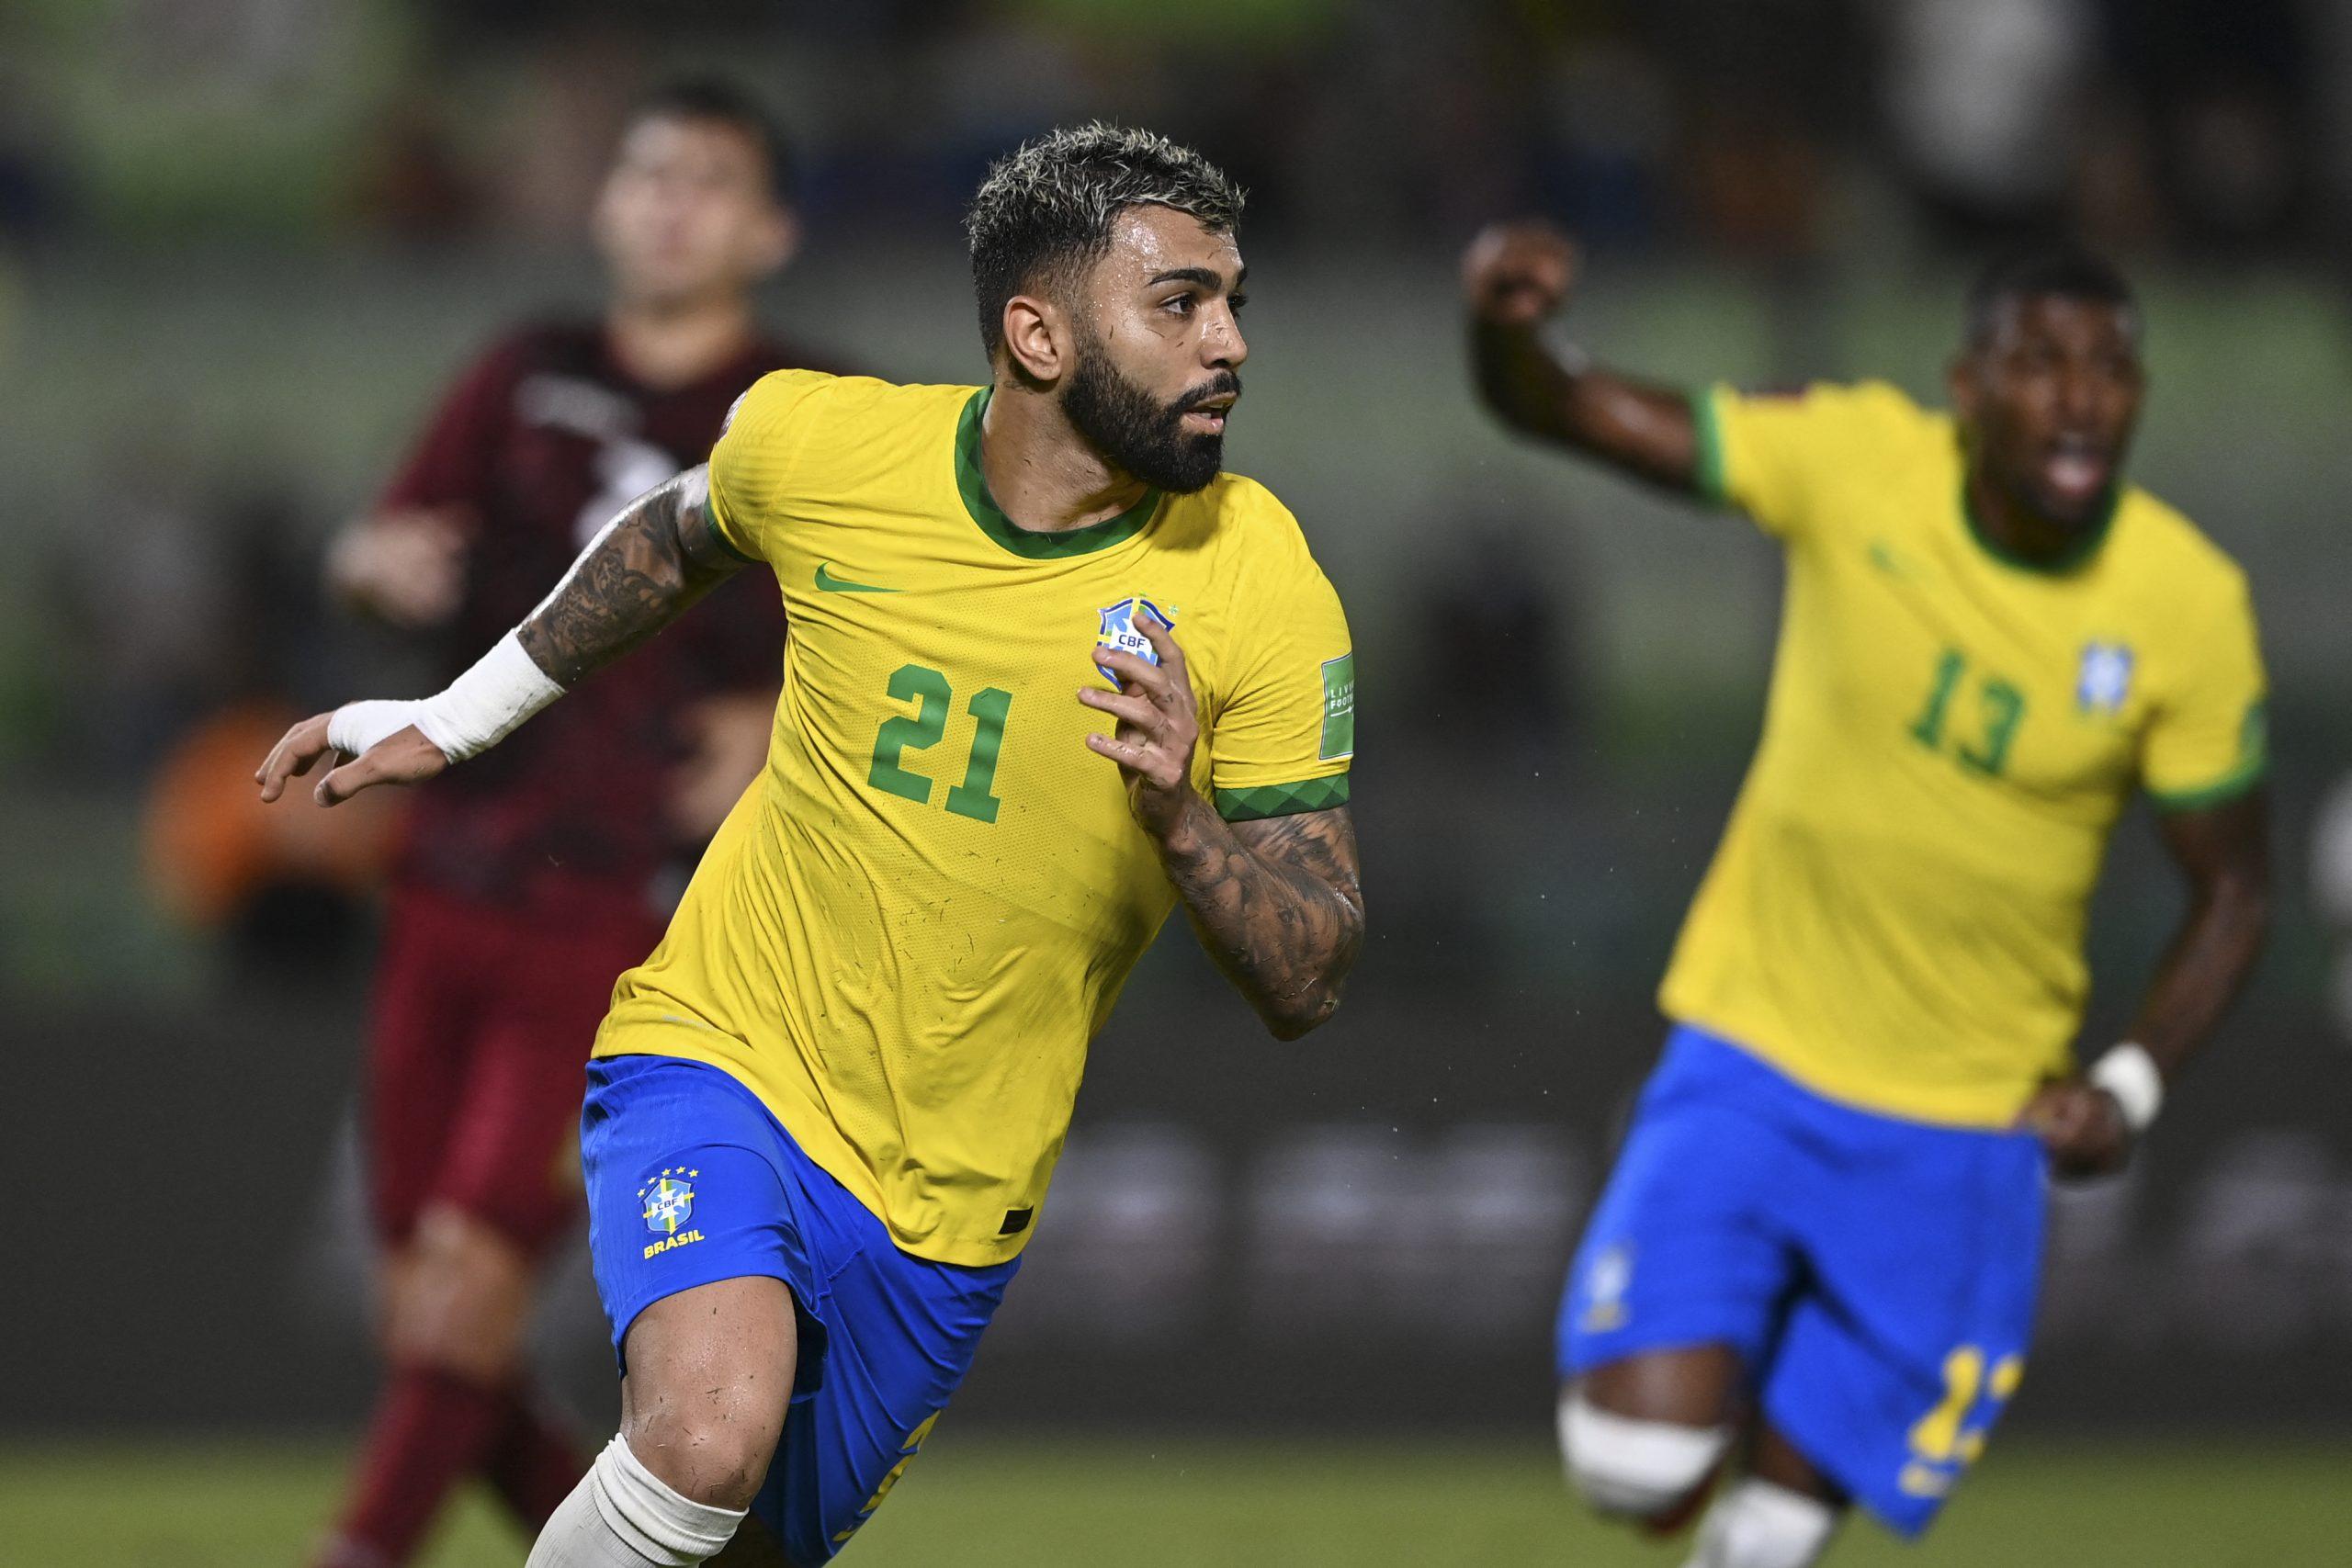 Brasil pasa un susto ante Venezuela, pero vuelve al final y se mantiene invicto en el camino a Qatar 2022 - Prensa Libre